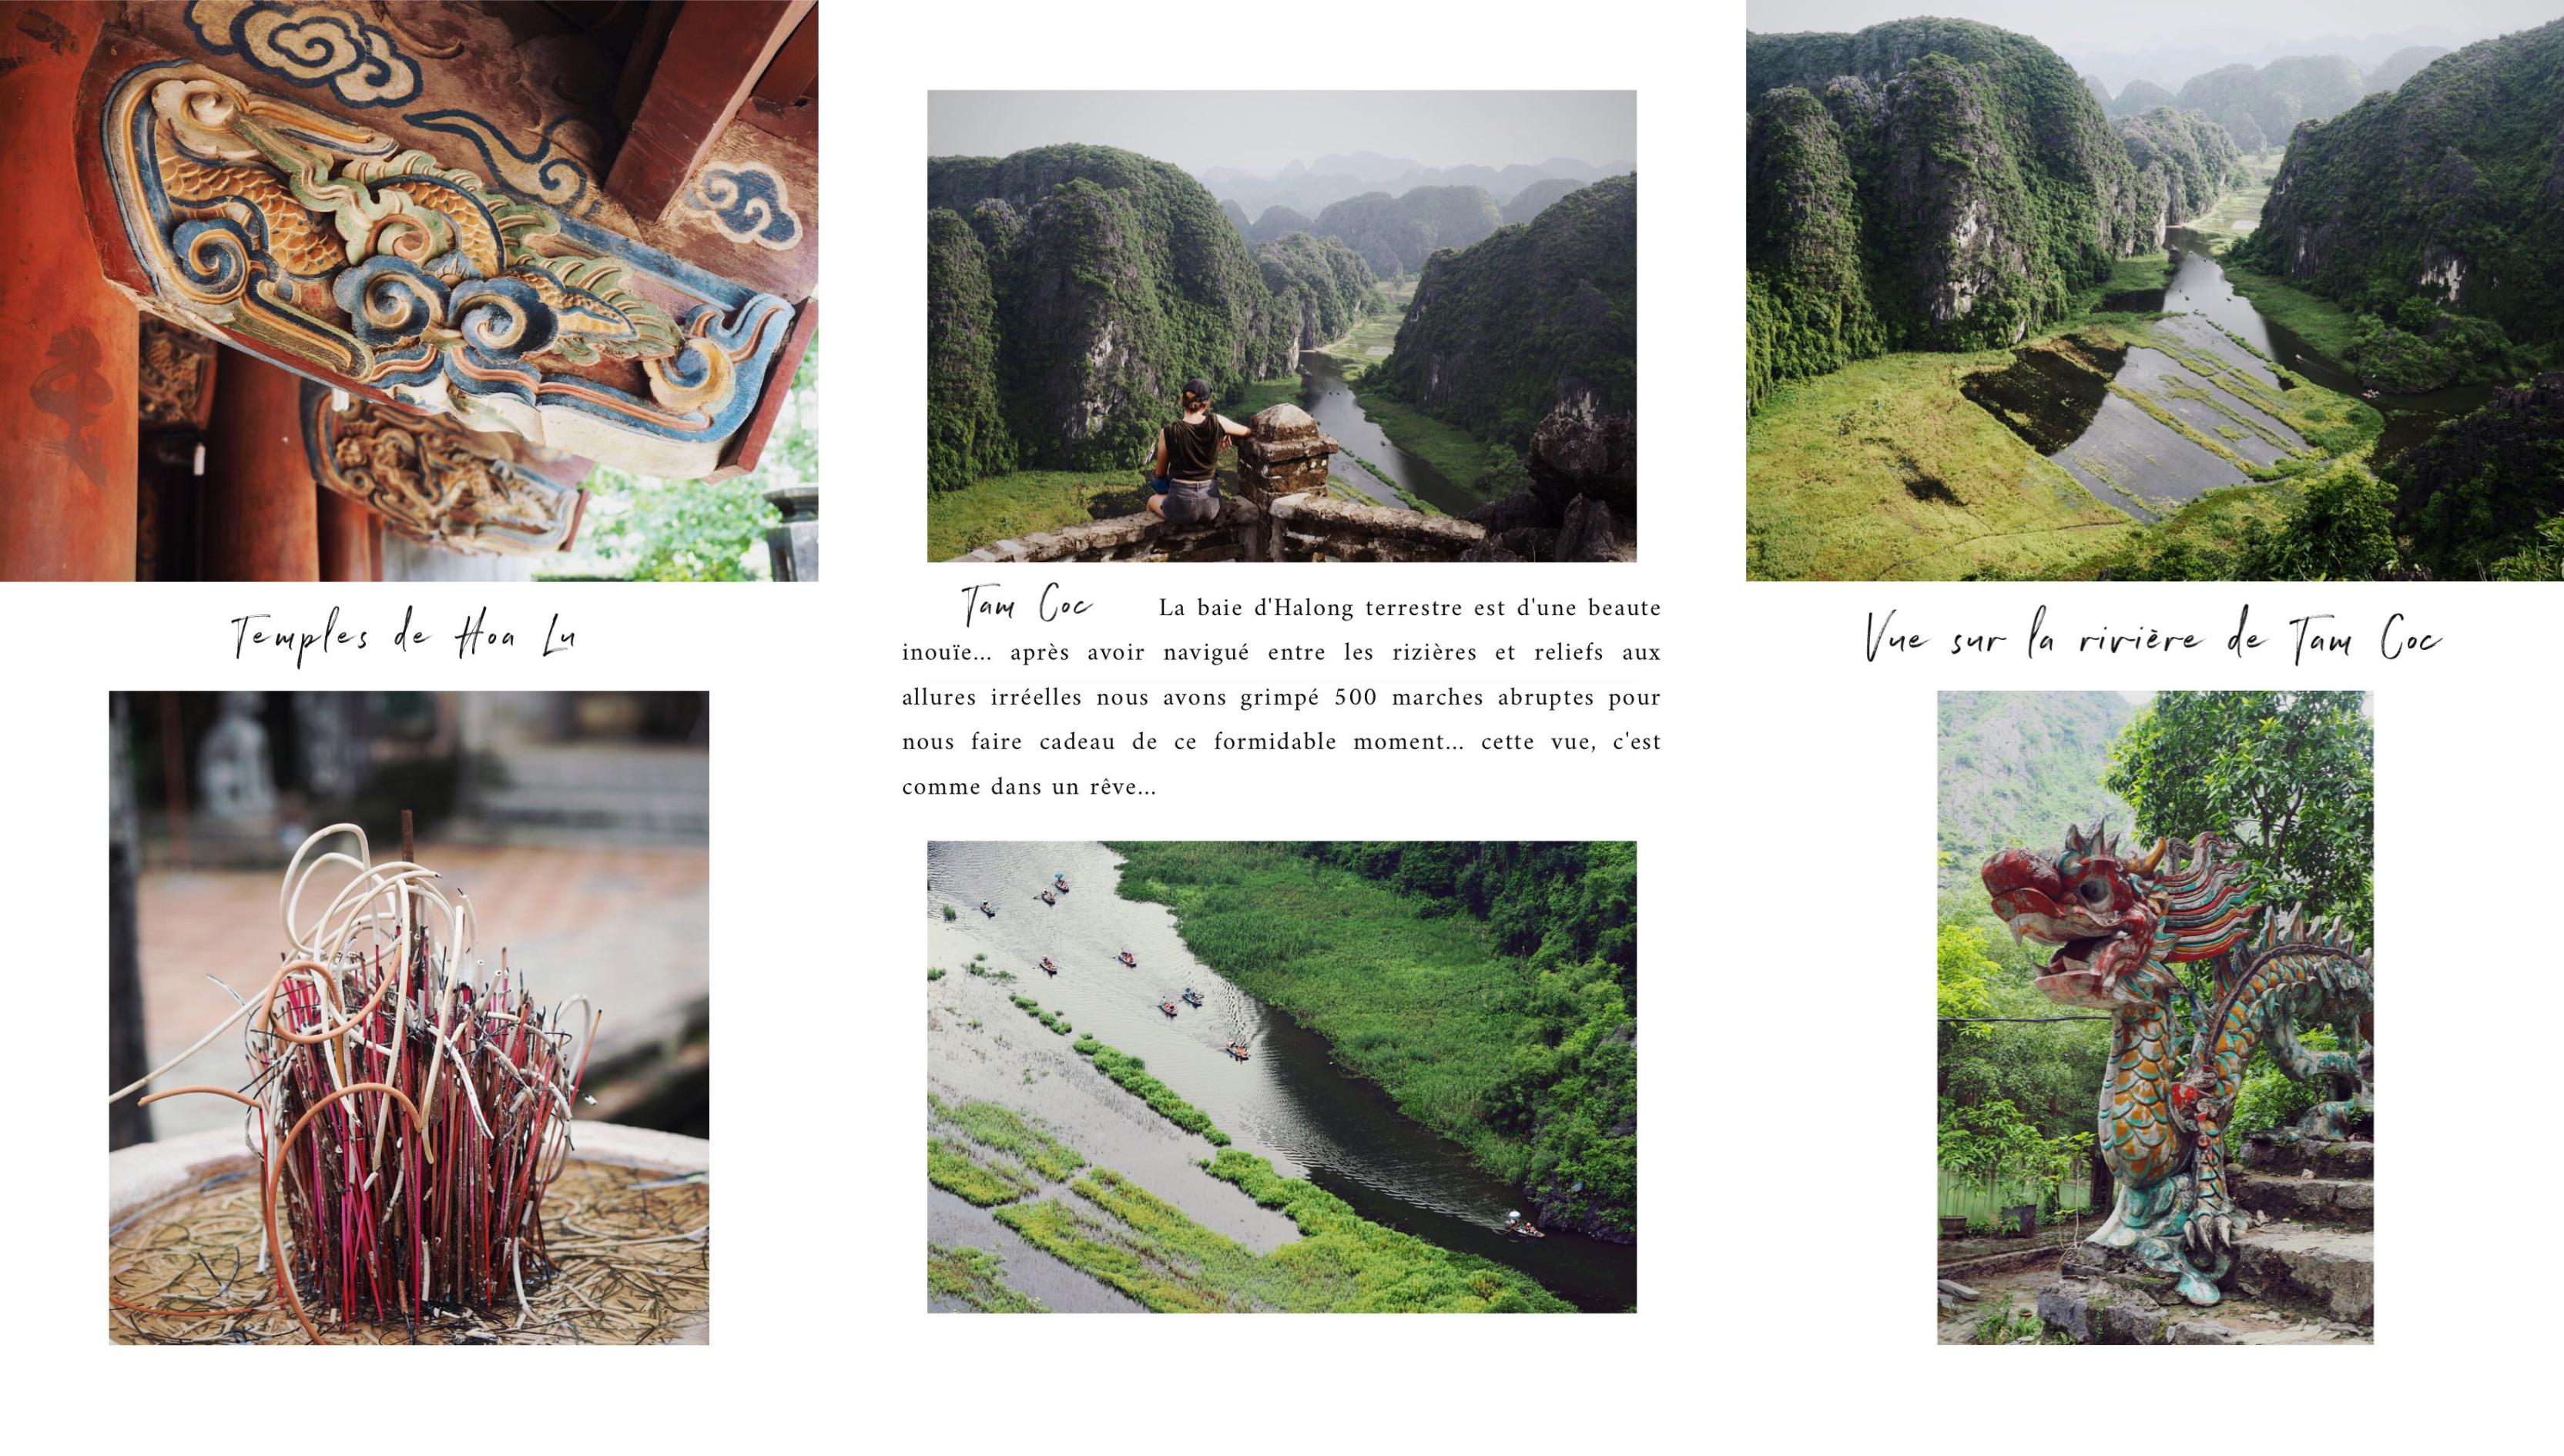 visiter Tam Coc au vietnam